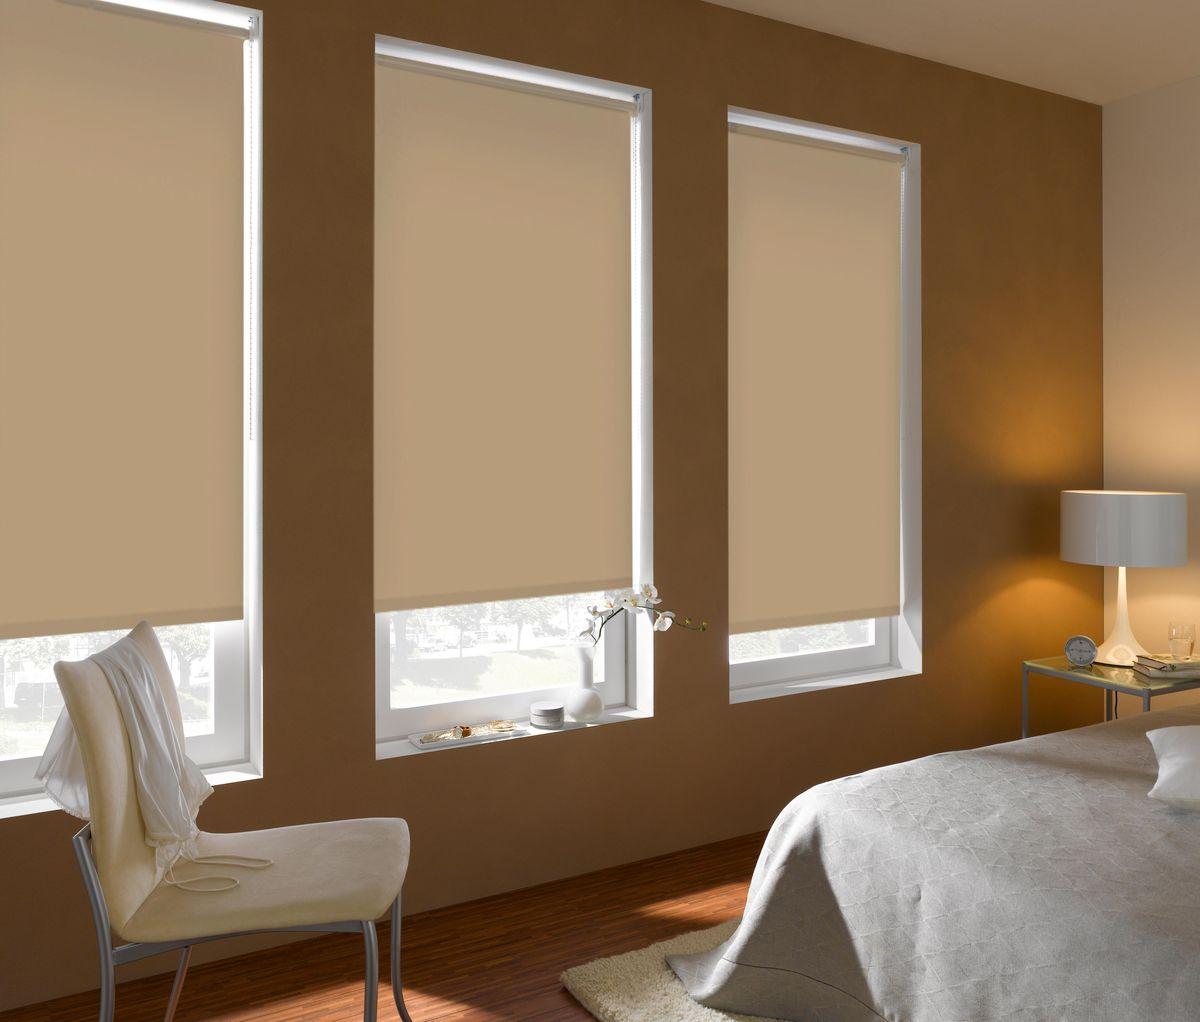 Штора рулонная Эскар Blackout, светонепроницаемая, цвет: бежевый, ширина 60 см, высота 170 см84009060170Рулонными шторами можно оформлять окна как самостоятельно, так и использовать в комбинации с портьерами. Это поможет предотвратить выгорание дорогой ткани на солнце и соединит функционал рулонных с красотой навесных. Преимущества применения рулонных штор для пластиковых окон: - имеют прекрасный внешний вид: многообразие и фактурность материала изделия отлично смотрятся в любом интерьере; - многофункциональны: есть возможность подобрать шторы способные эффективно защитить комнату от солнца, при этом она не будет слишком темной. - Есть возможность осуществить быстрый монтаж. ВНИМАНИЕ! Размеры ширины изделия указаны по ширине ткани! Во время эксплуатации не рекомендуется полностью разматывать рулон, чтобы не оторвать ткань от намоточного вала. В случае загрязнения поверхности ткани, чистку шторы проводят одним из способов, в зависимости от типа загрязнения: легкое поверхностное загрязнение можно удалить при помощи канцелярского ластика; чистка от пыли производится сухим методом при...